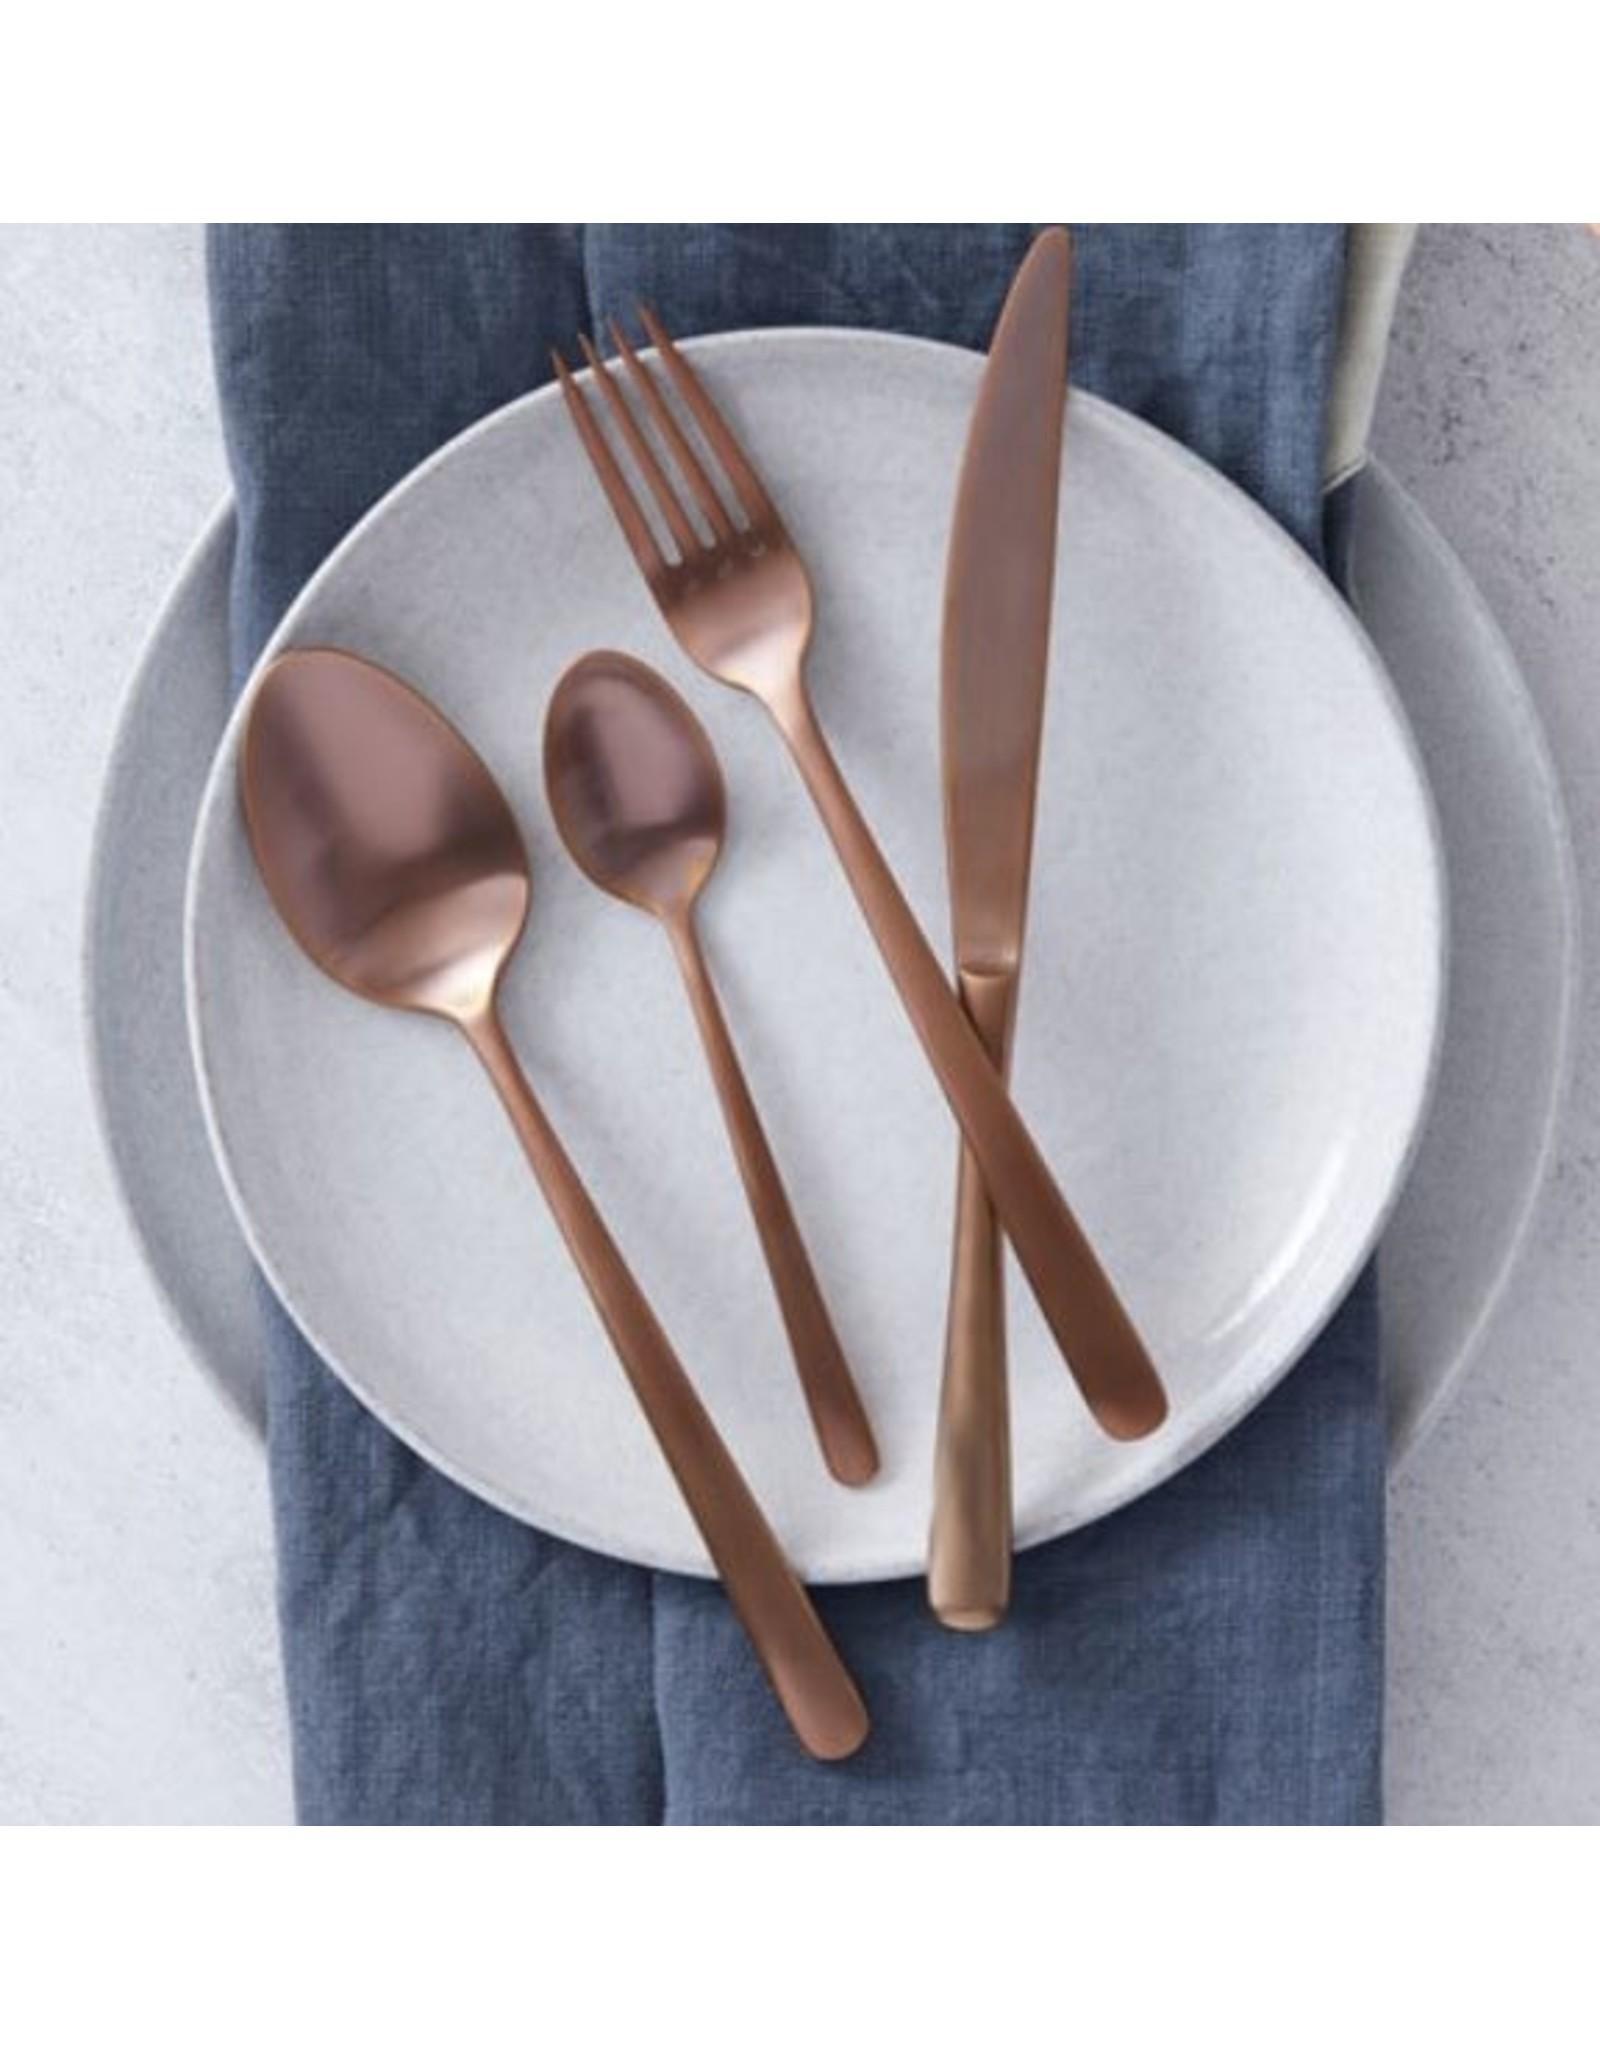 Amalfi Avery 16pc Cutlery Set Rose Gold